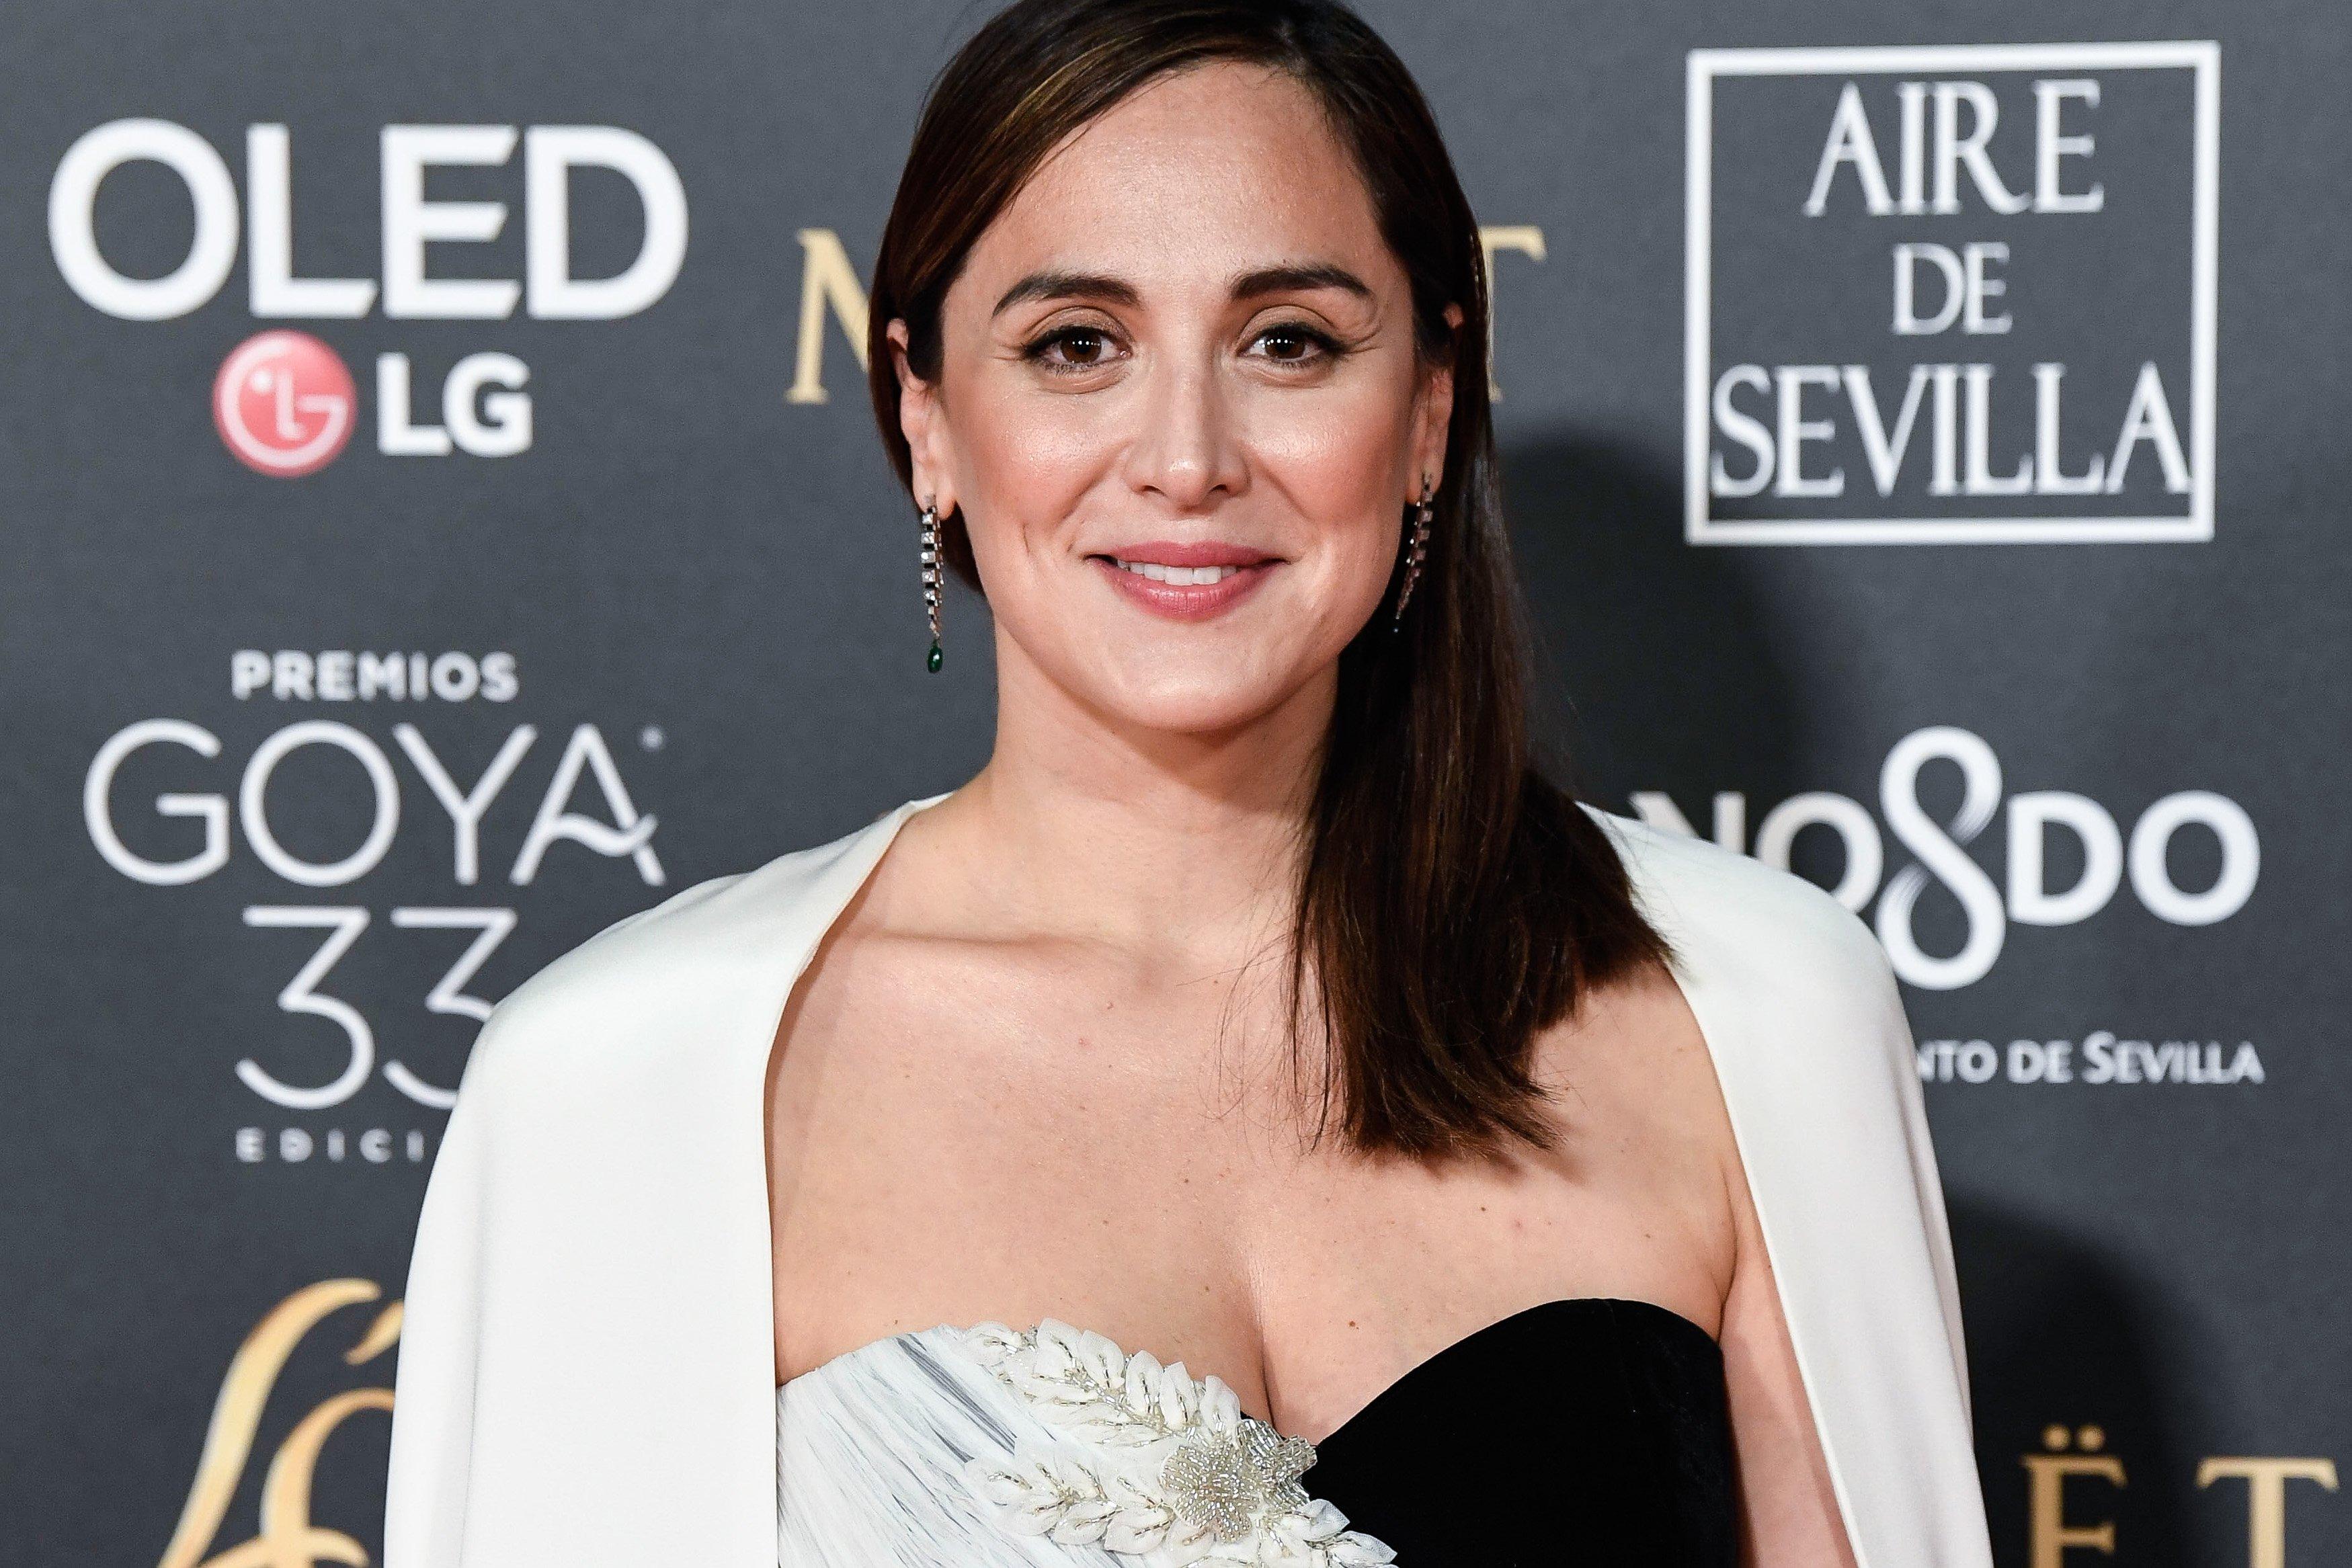 Tamara Falcó asiste a los Premios del Cine Goya 2019 en su 33° edición, en el Palacio de Congresos y Exposiciones FIBES en febrero de 2019, en Sevilla, España || Fuente: Getty Images